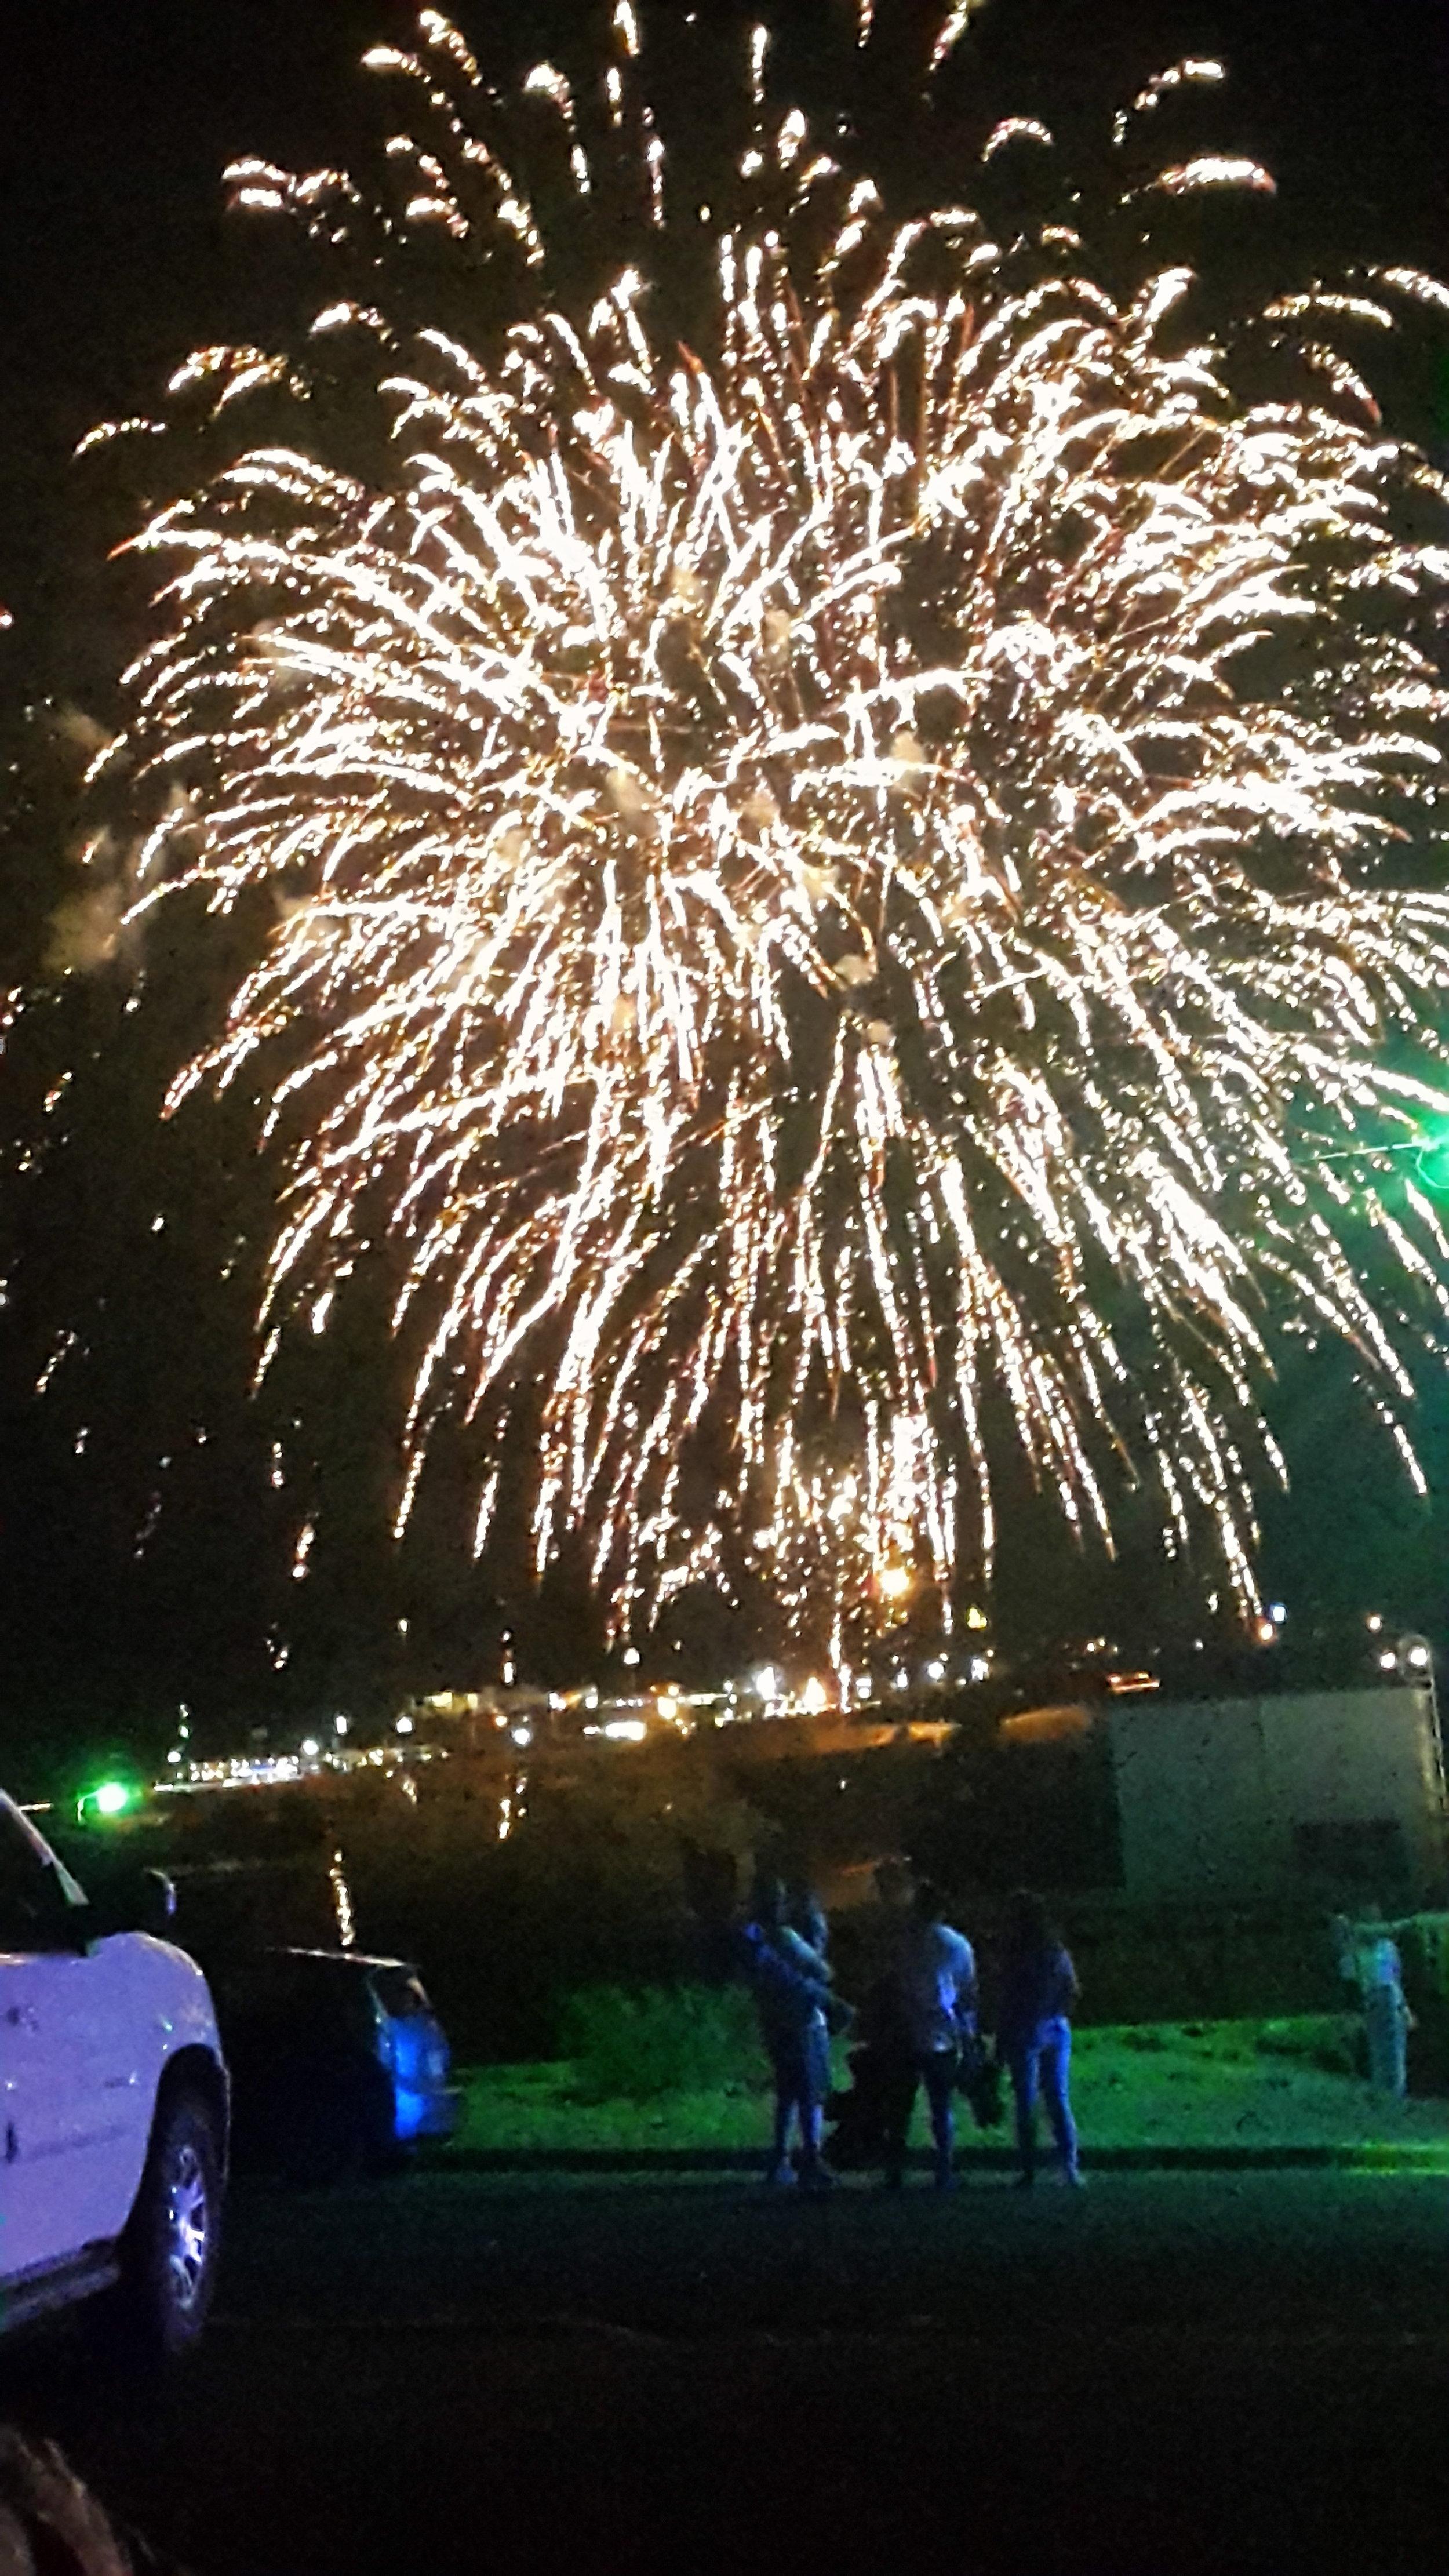 Happy Independence Day!!! We went to see the big fireworks on 4th of July in Santa Rosa at the lake. They are always amazing!  Happy Independence Day (Unabhängingkeitstag)!!! Wir sind zum See in Santa Rosa gefahren, um das grosse Feuerwerk am 4. Juli zu sehen. Das ist immer sehr beeindruckend!